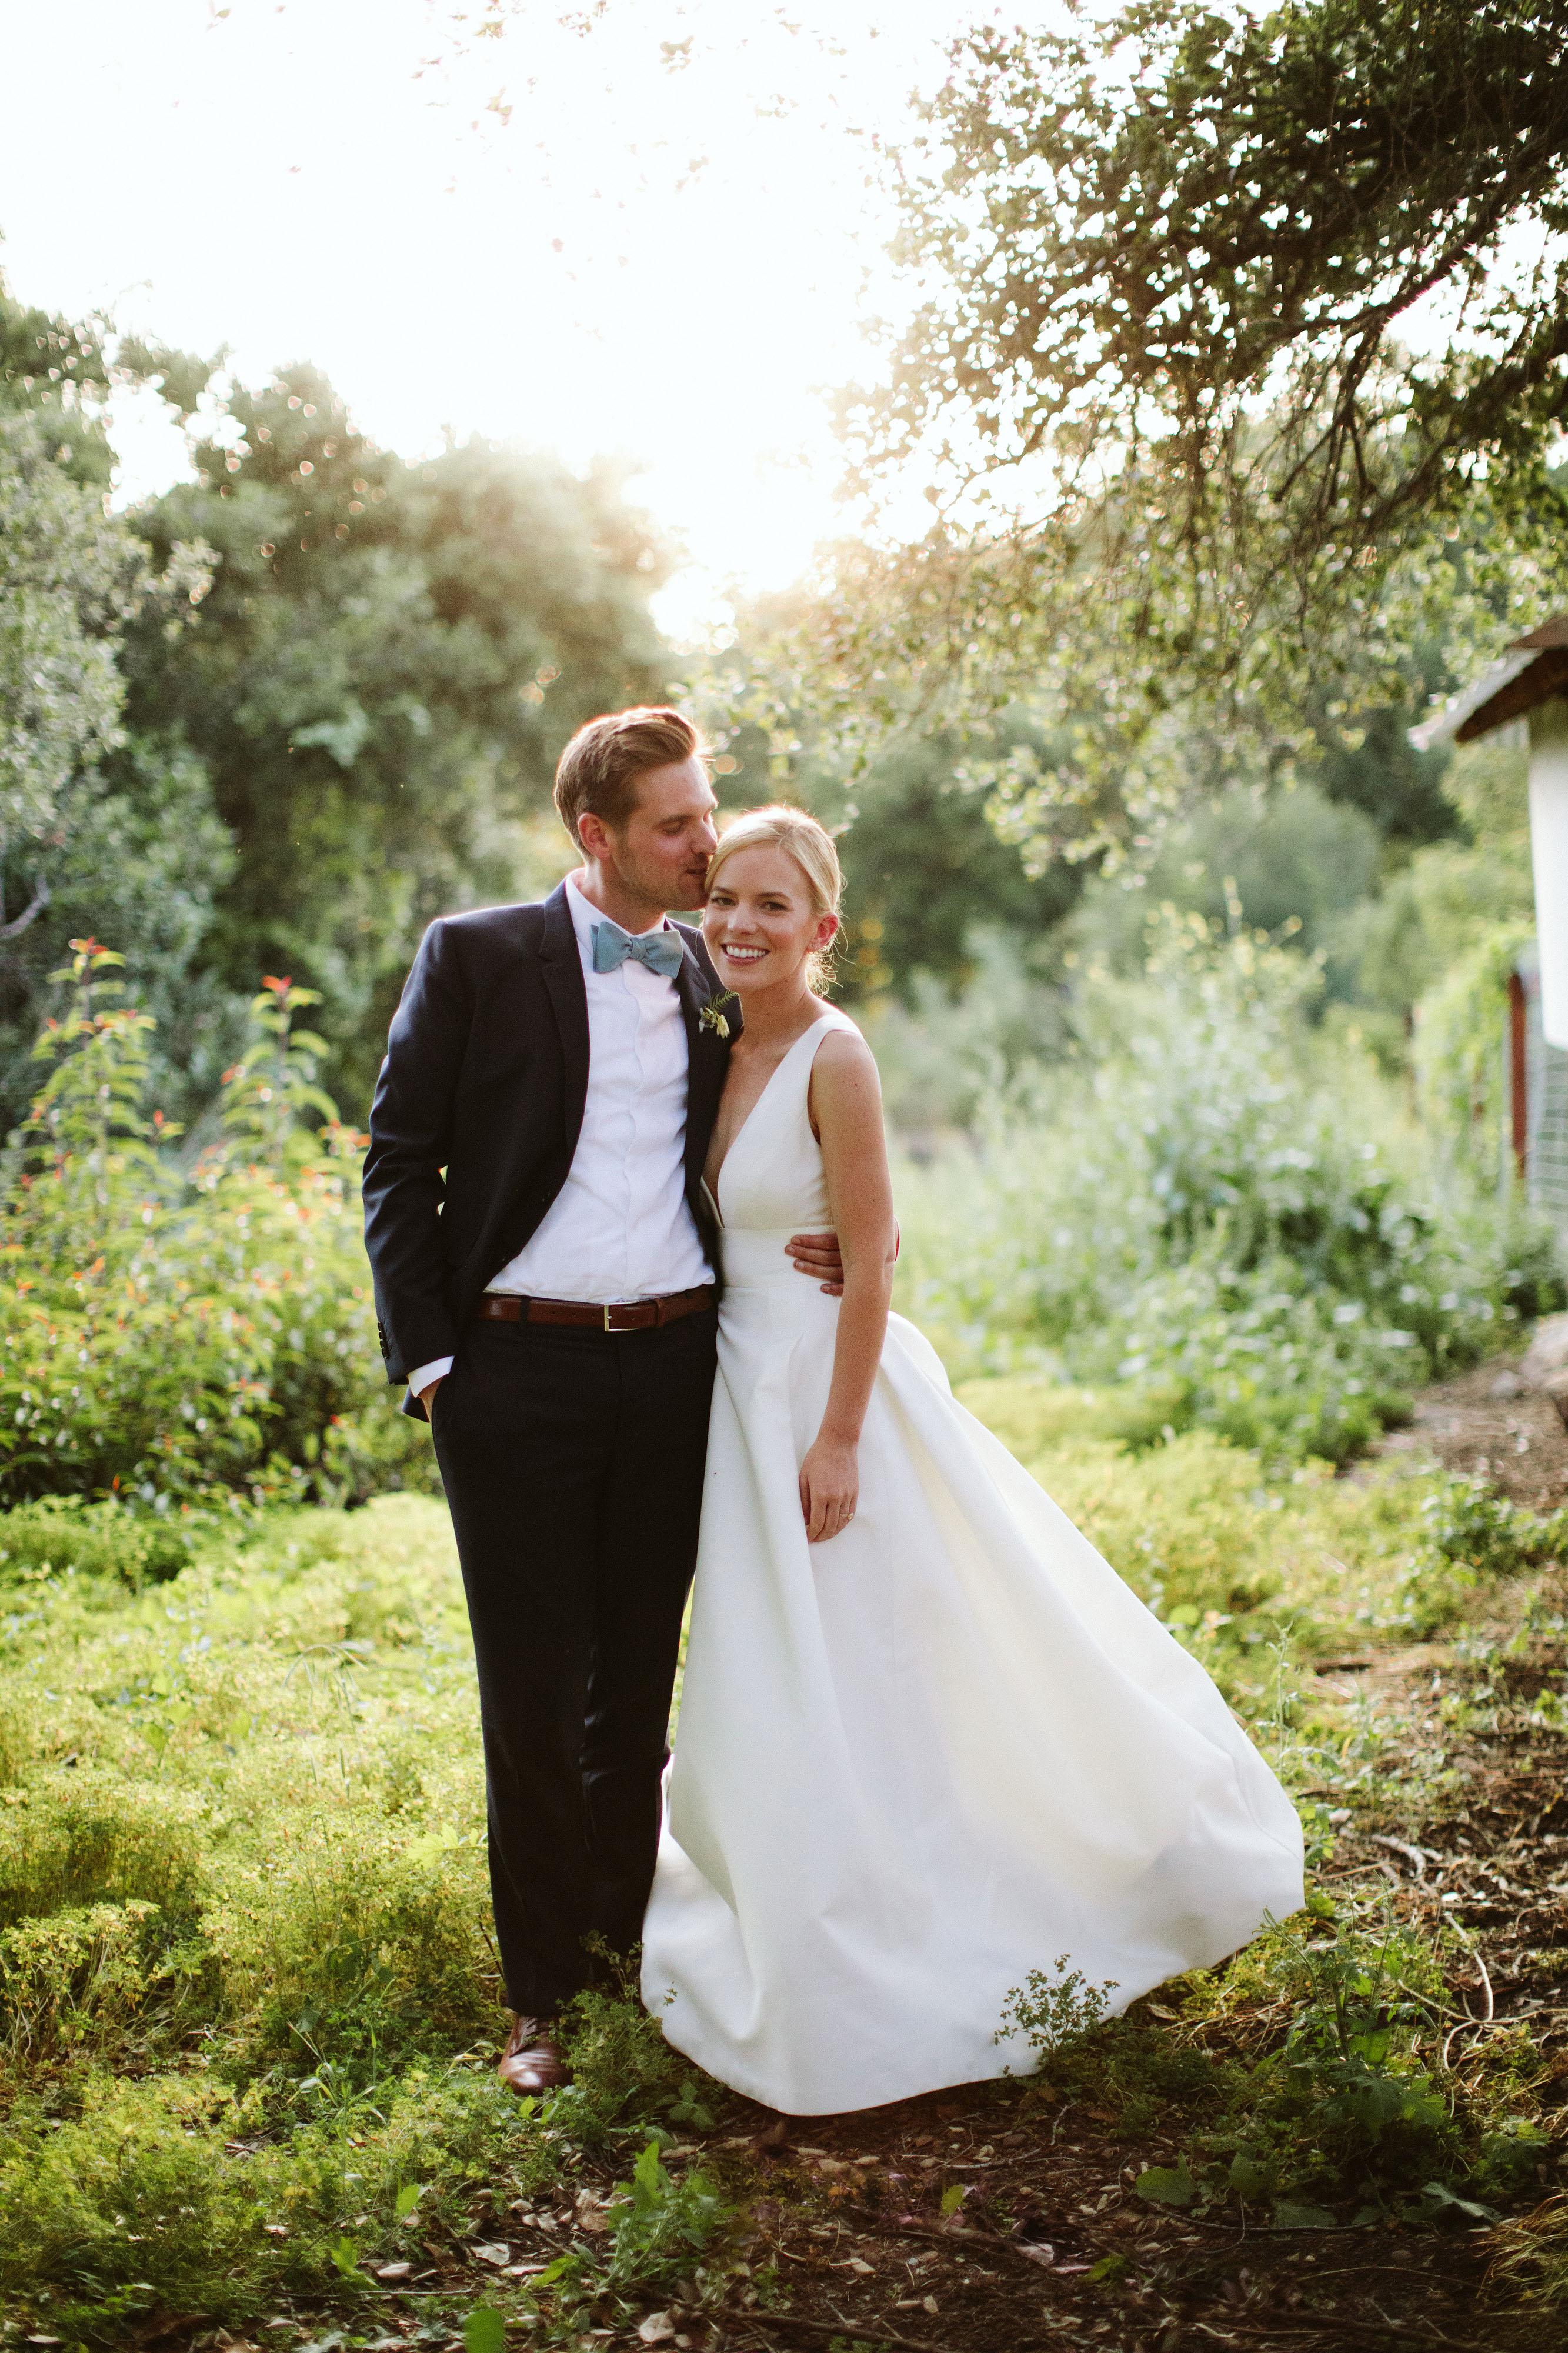 eliza peter wedding couple pose